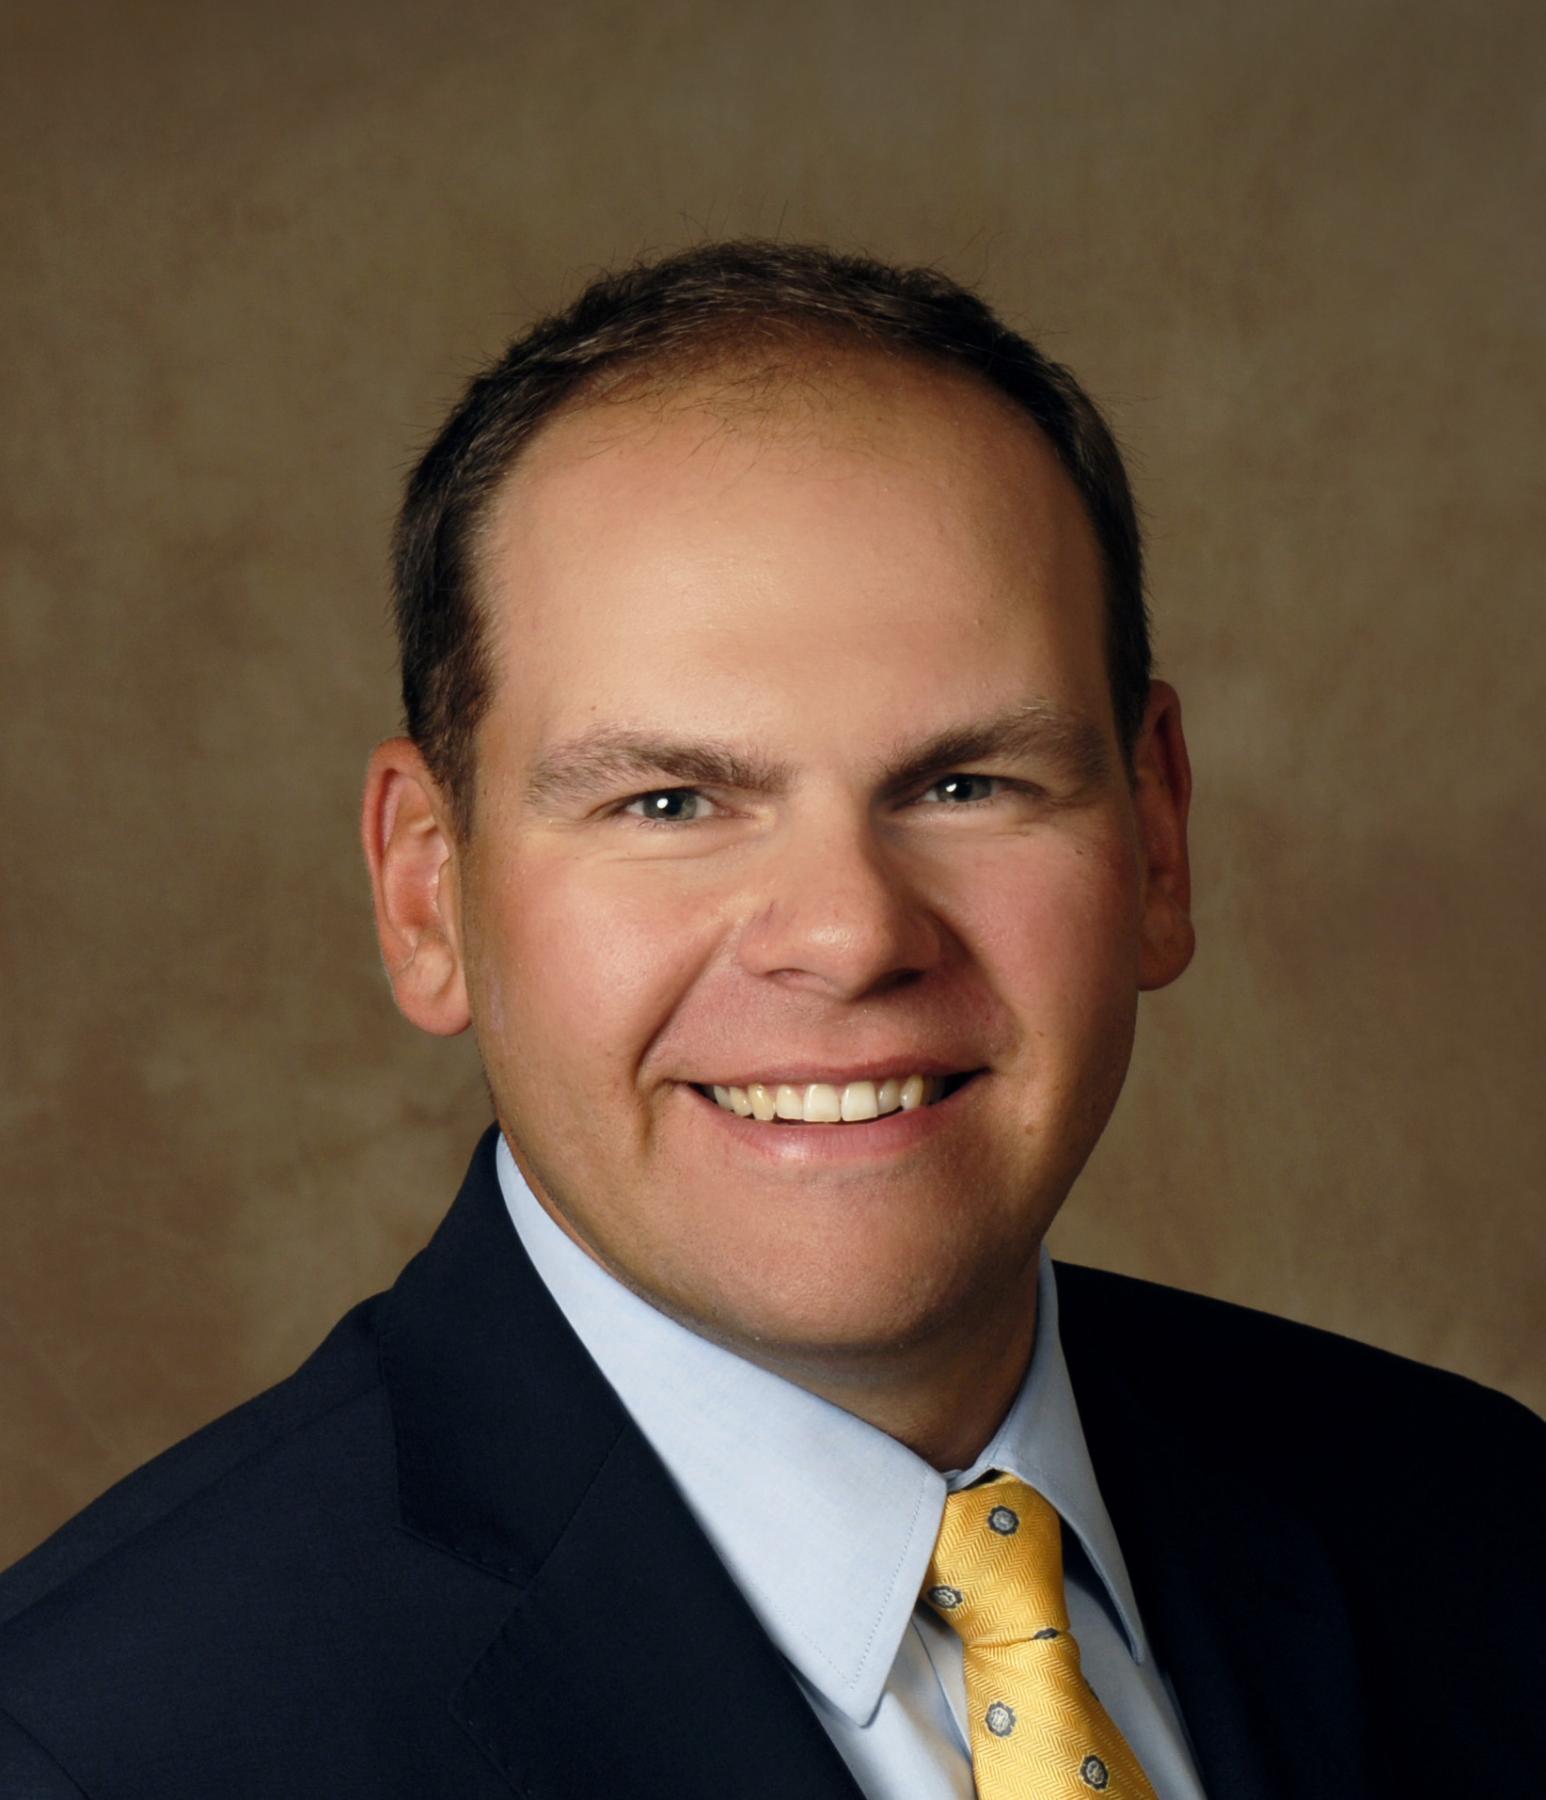 Michael W. Tyszko